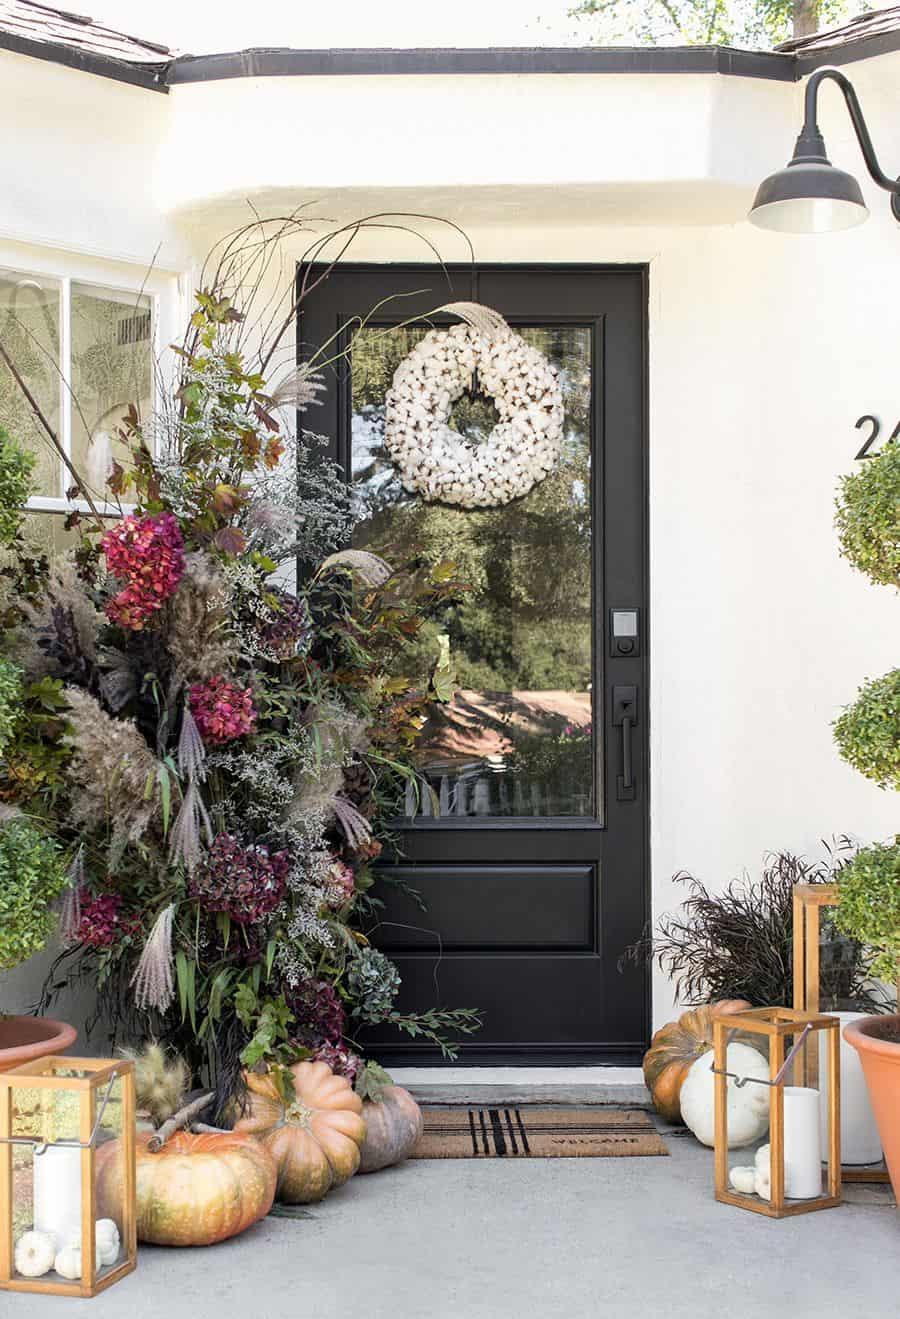 enchanting porch